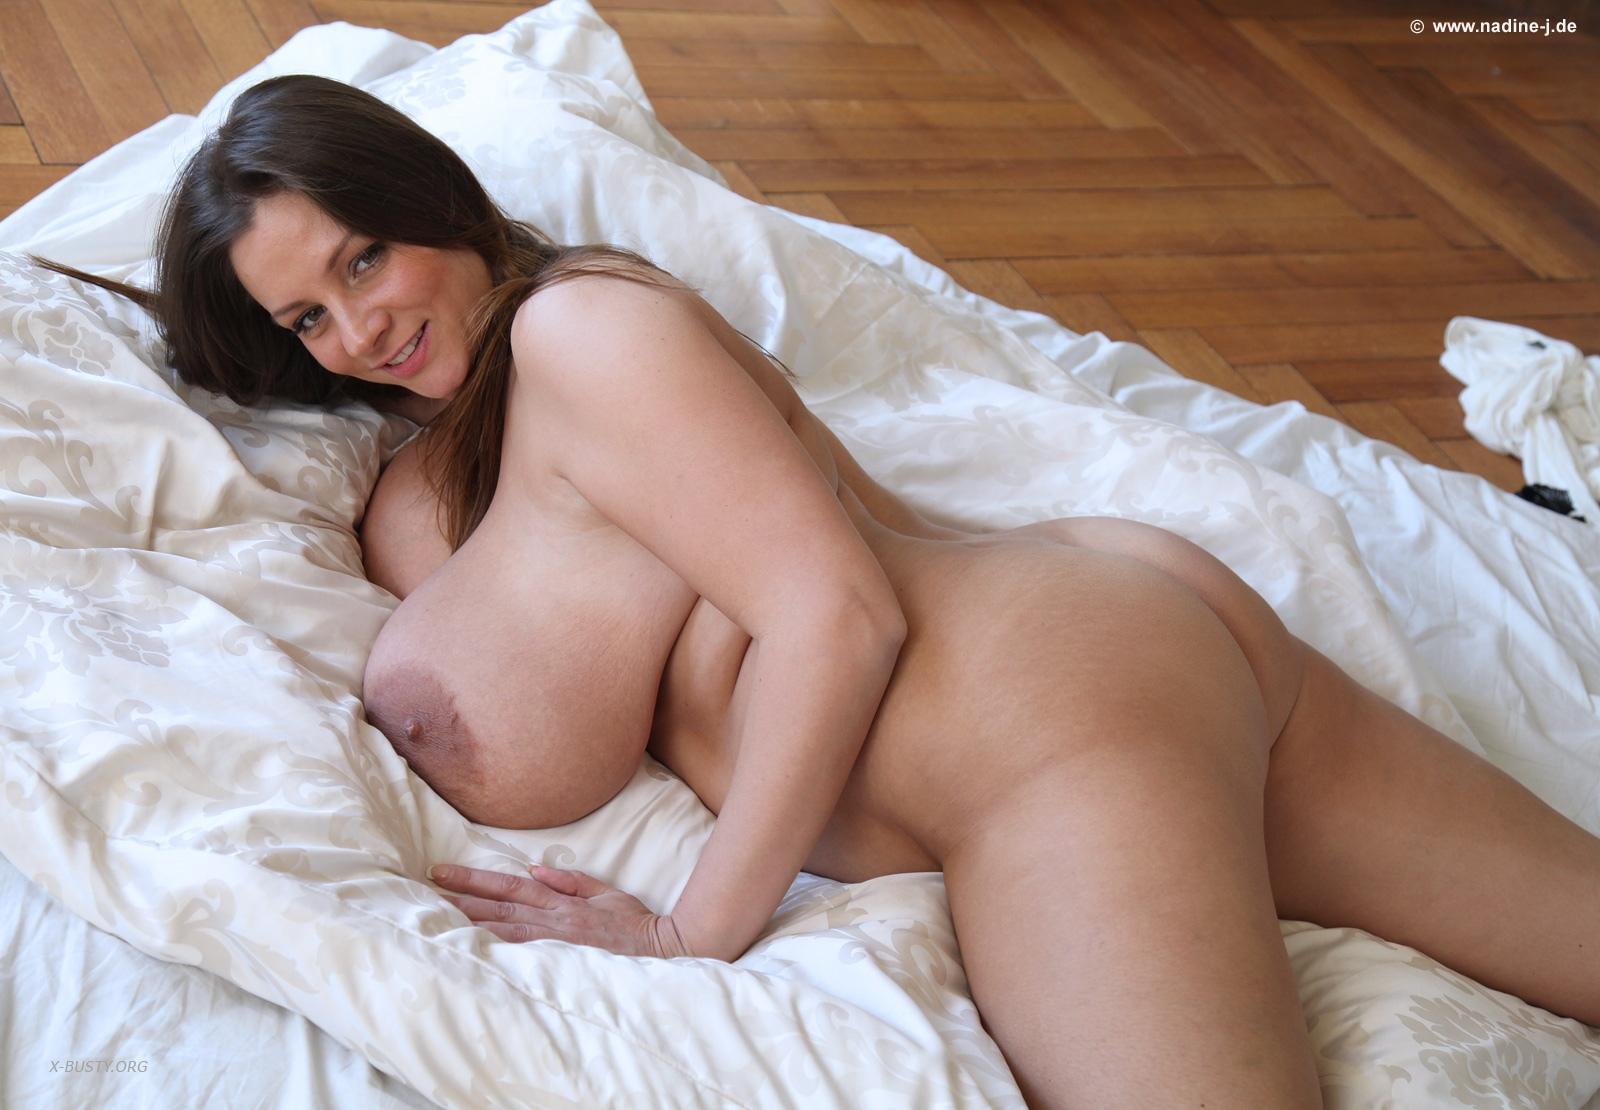 Nadine Jansen Porn Nadine Jansen - Sexy Babes Naked Wallpaper